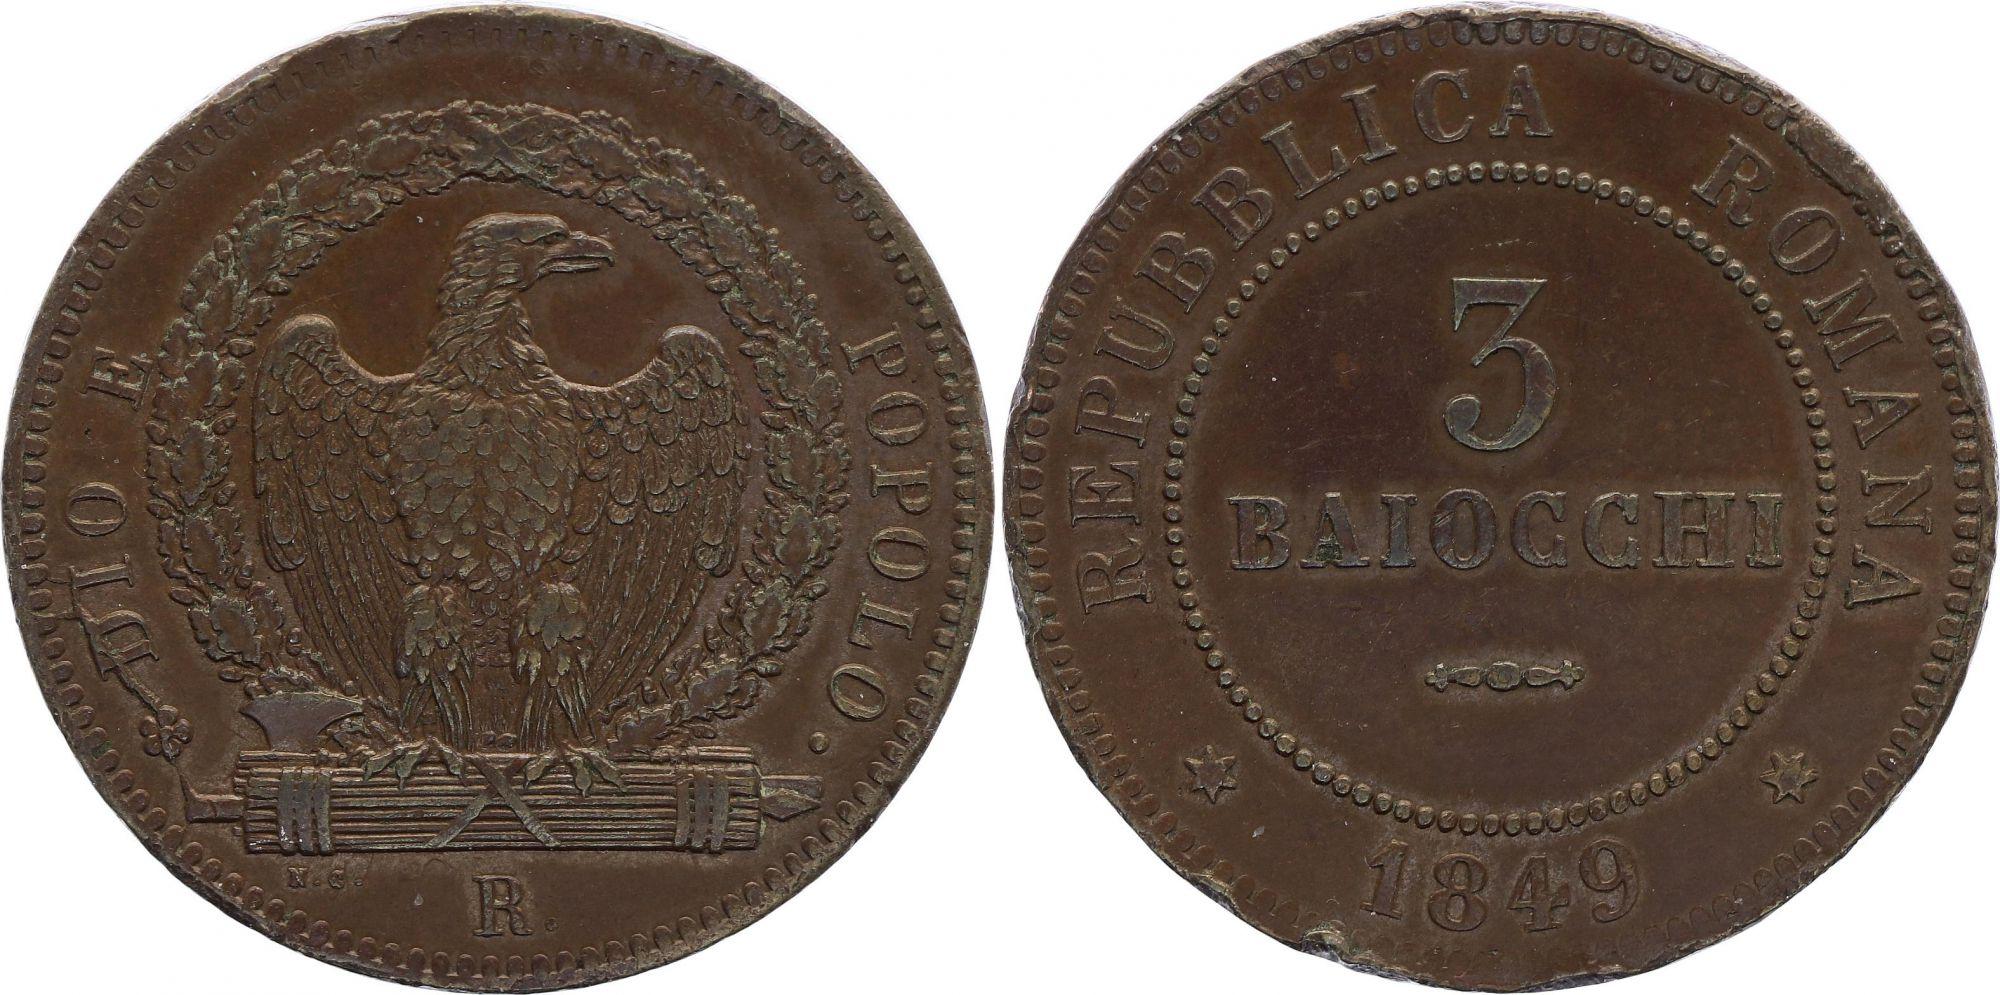 Rome 3 Baiocchi - République Romaine -1849 R